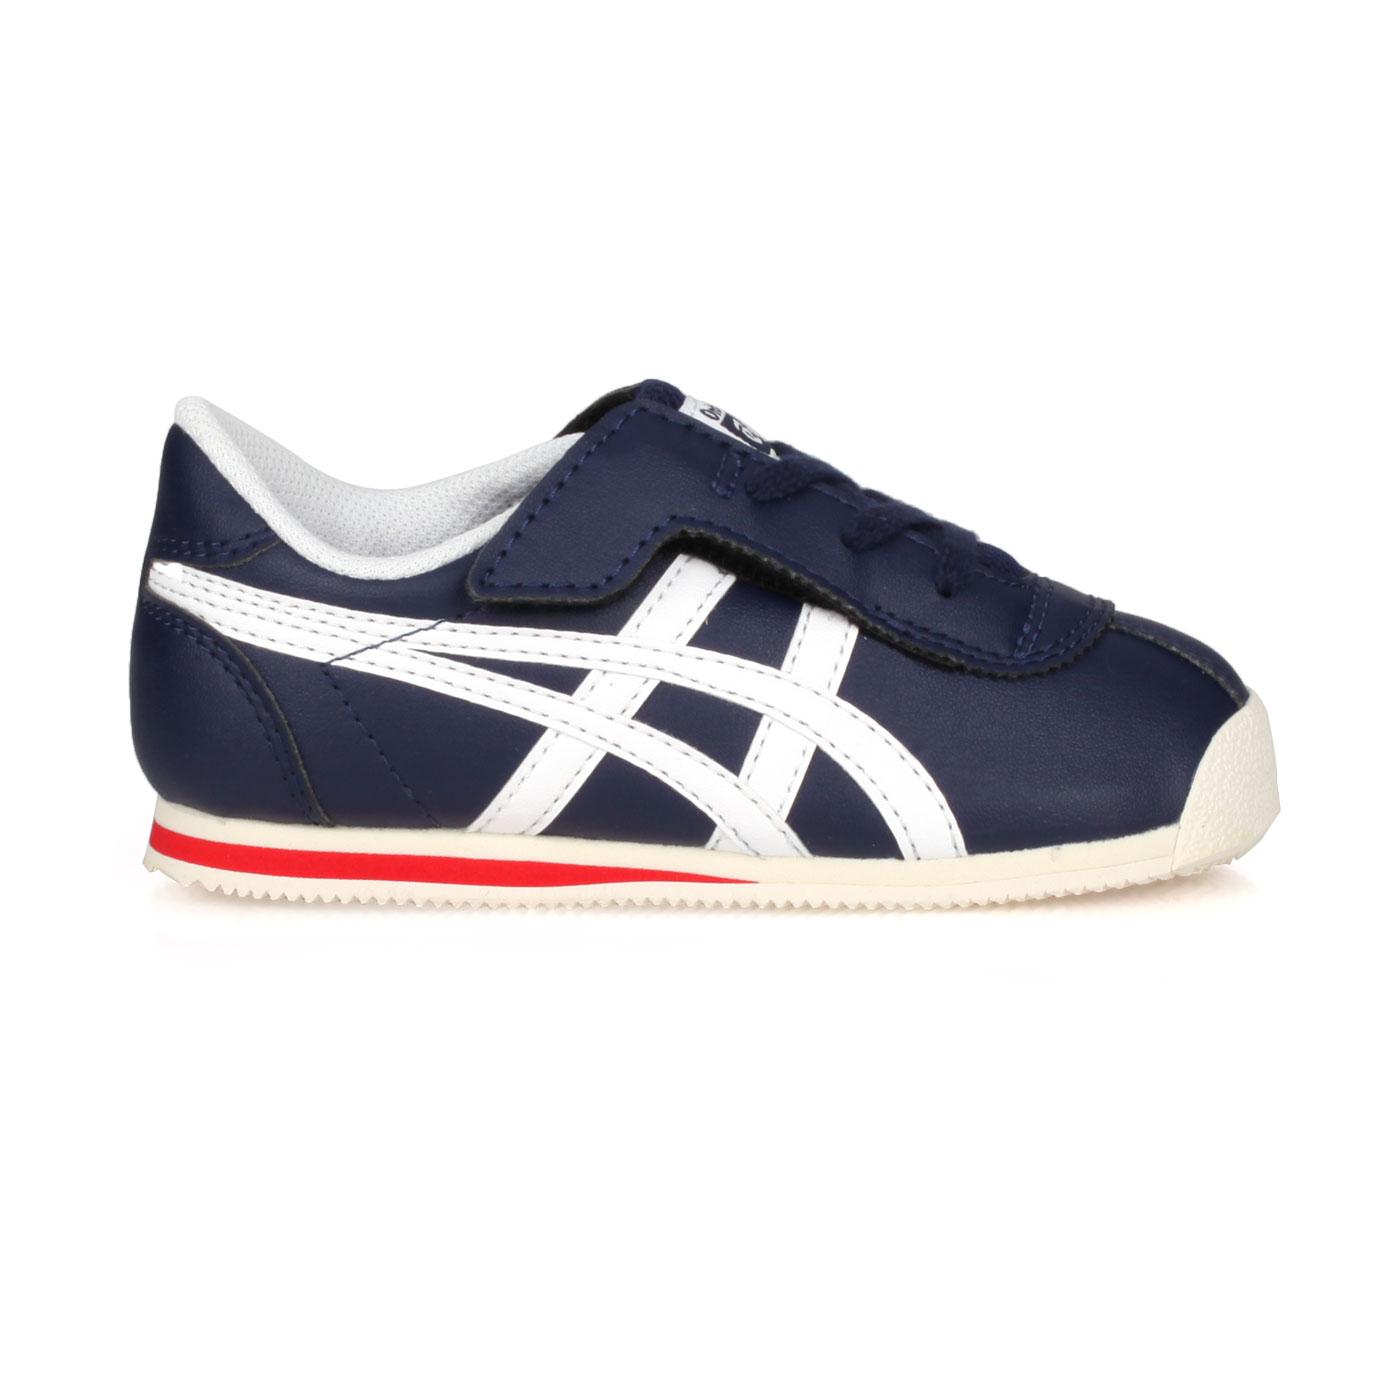 ASICS 小童運動鞋  @TIGER CORSAIR TS@1184A050-400 - 丈青白紅